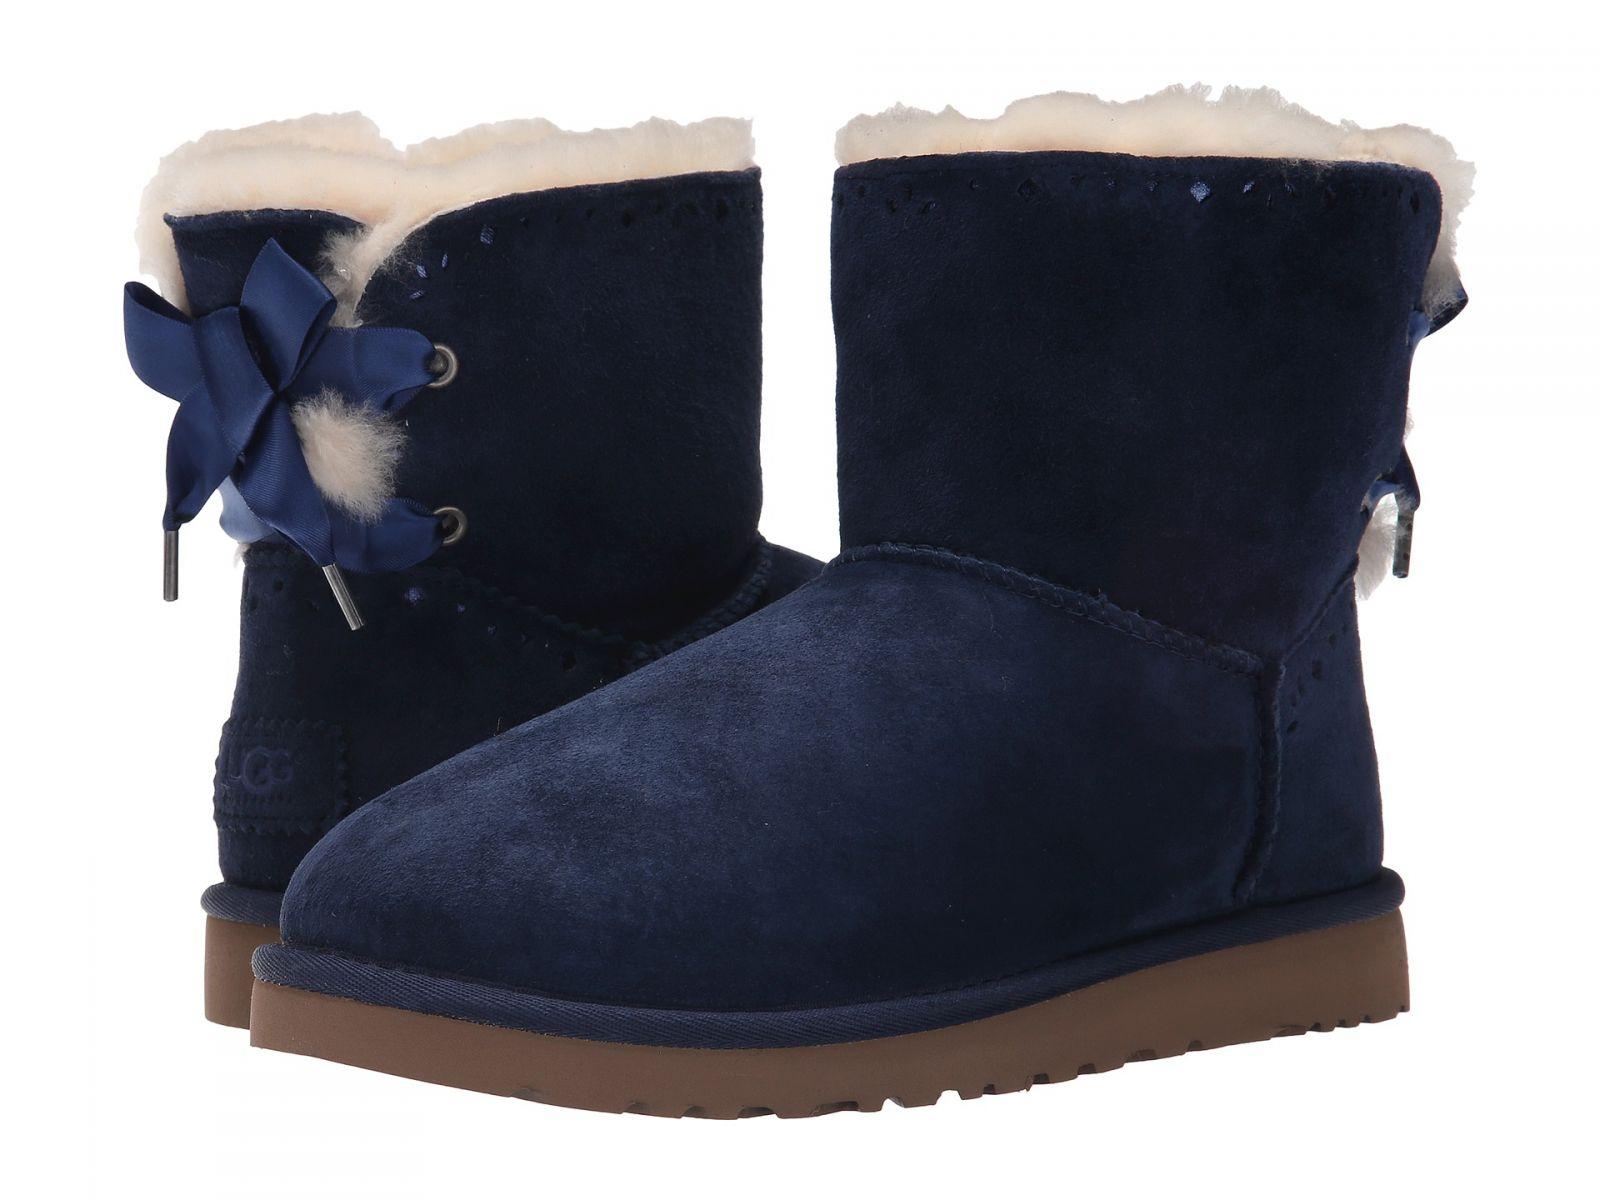 UGG dámské boty Dixi Flora Perf modrá